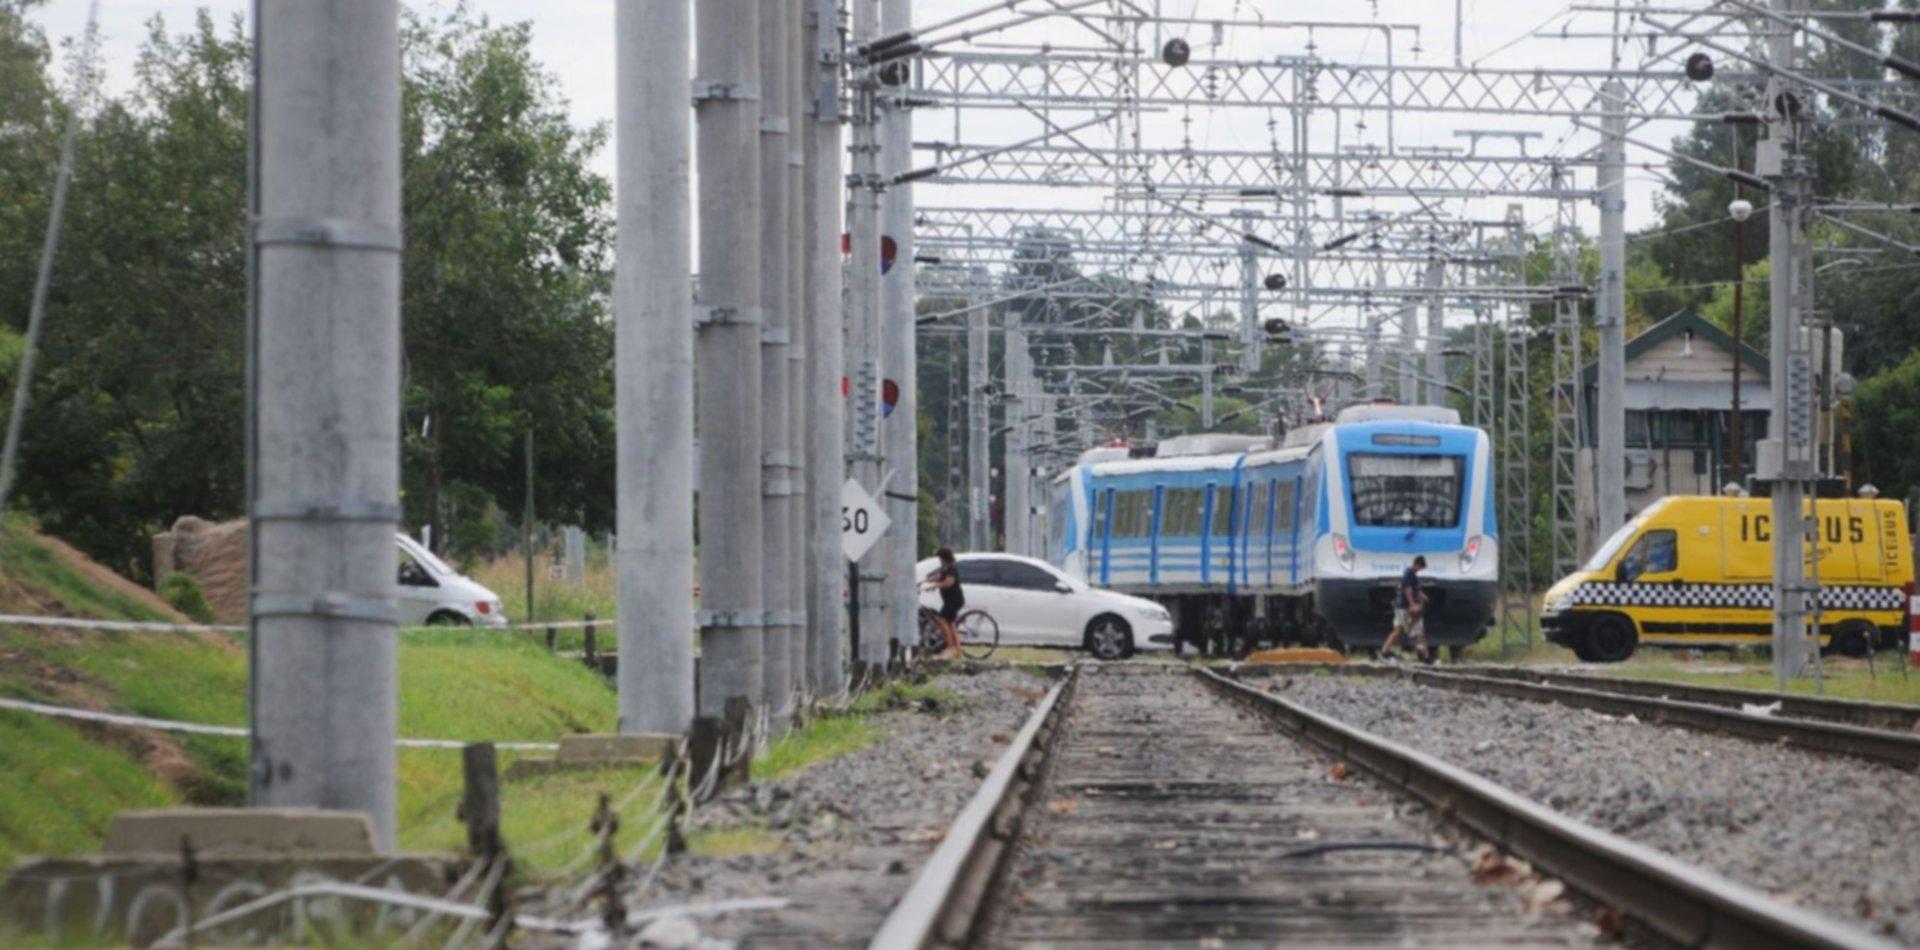 Alarma en el Tren Roca: evacuaron Constitución y no hay servicio por una amenaza de bomba